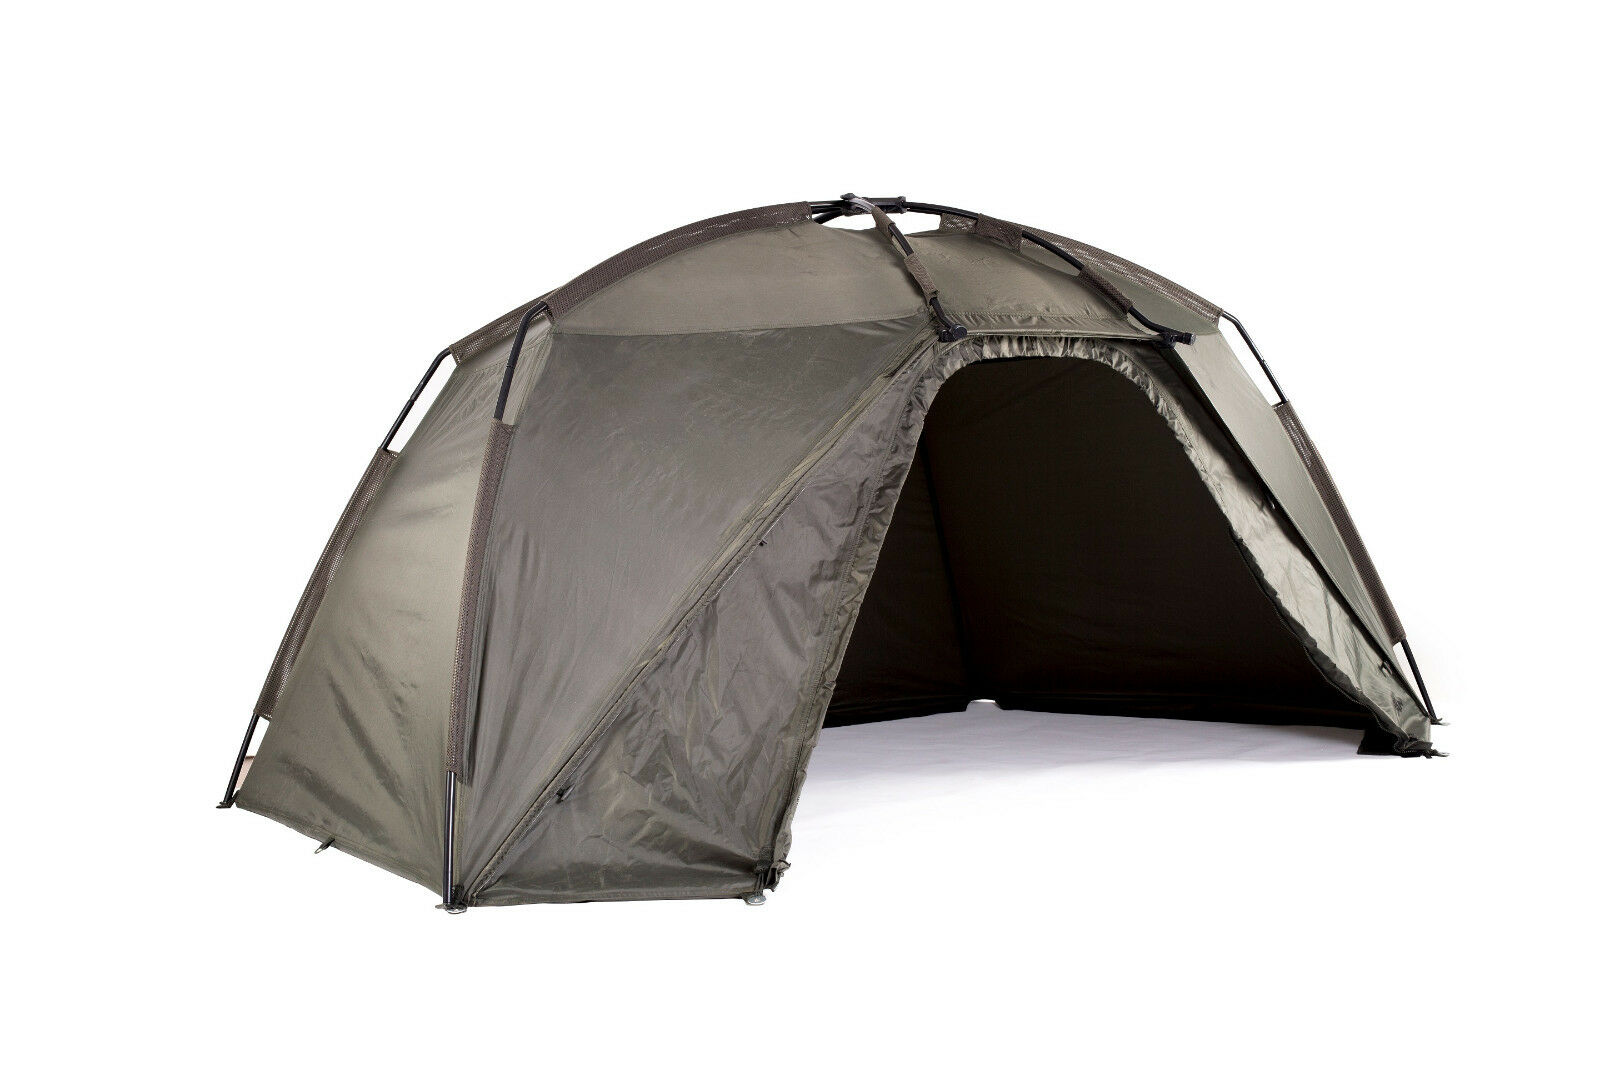 Nash Bivvy Titan Hide T4200 Zelt Angelzelt Bivvy Nash Karpfenzelt Bivvie Tent 1a9084